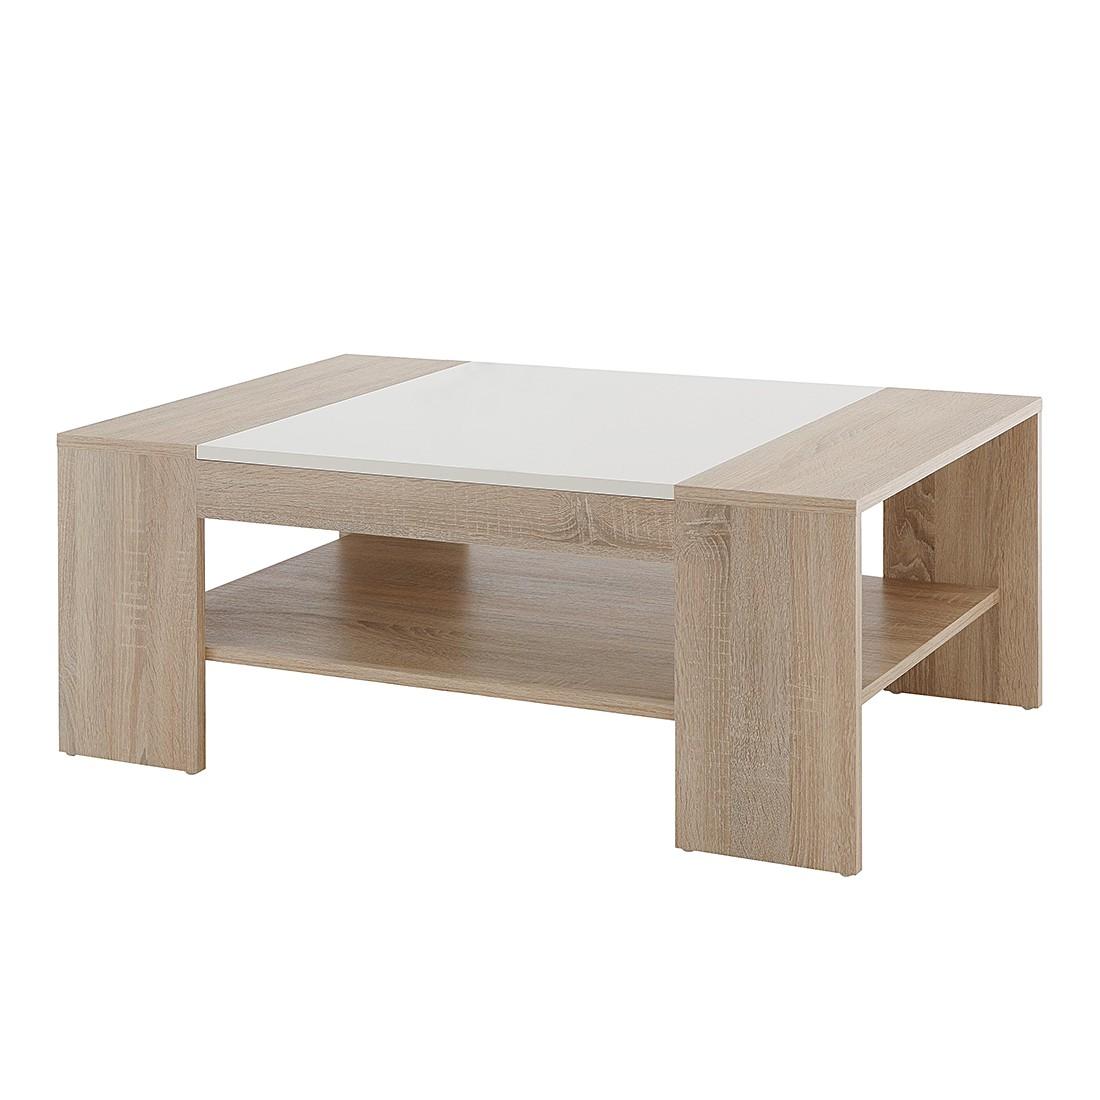 Tavolino da salotto liam - effetto quercia di sonoma/bianco, Home Design